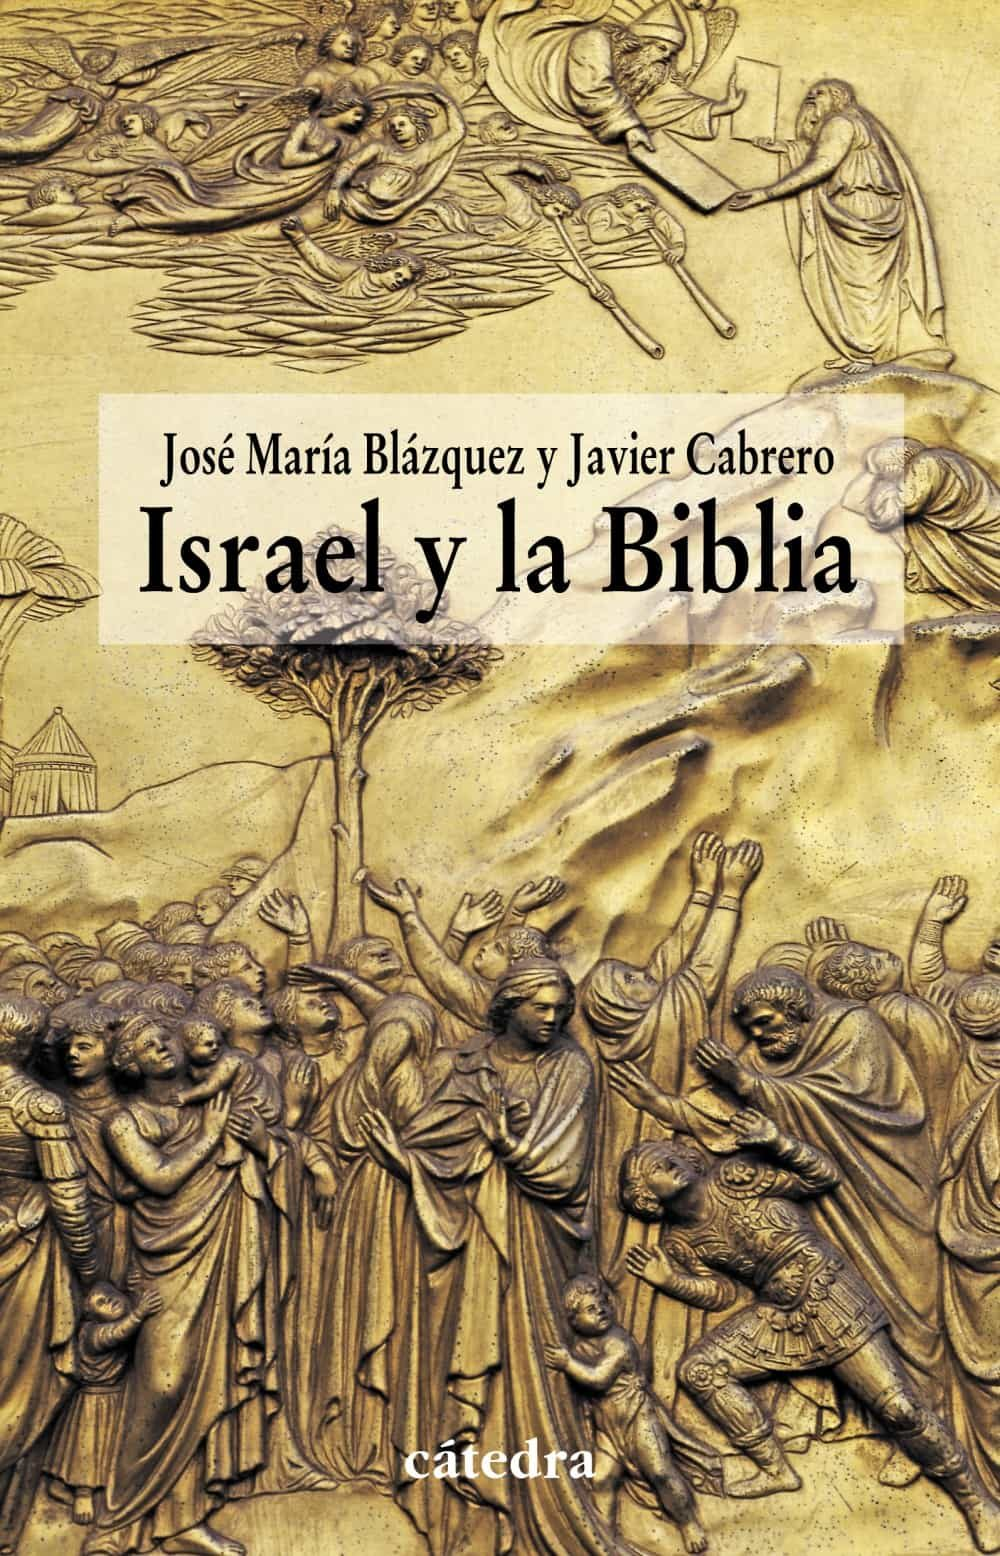 Israel Y La Biblia por Jose Maria Blazquez;                                                                                    Javier Cabrero